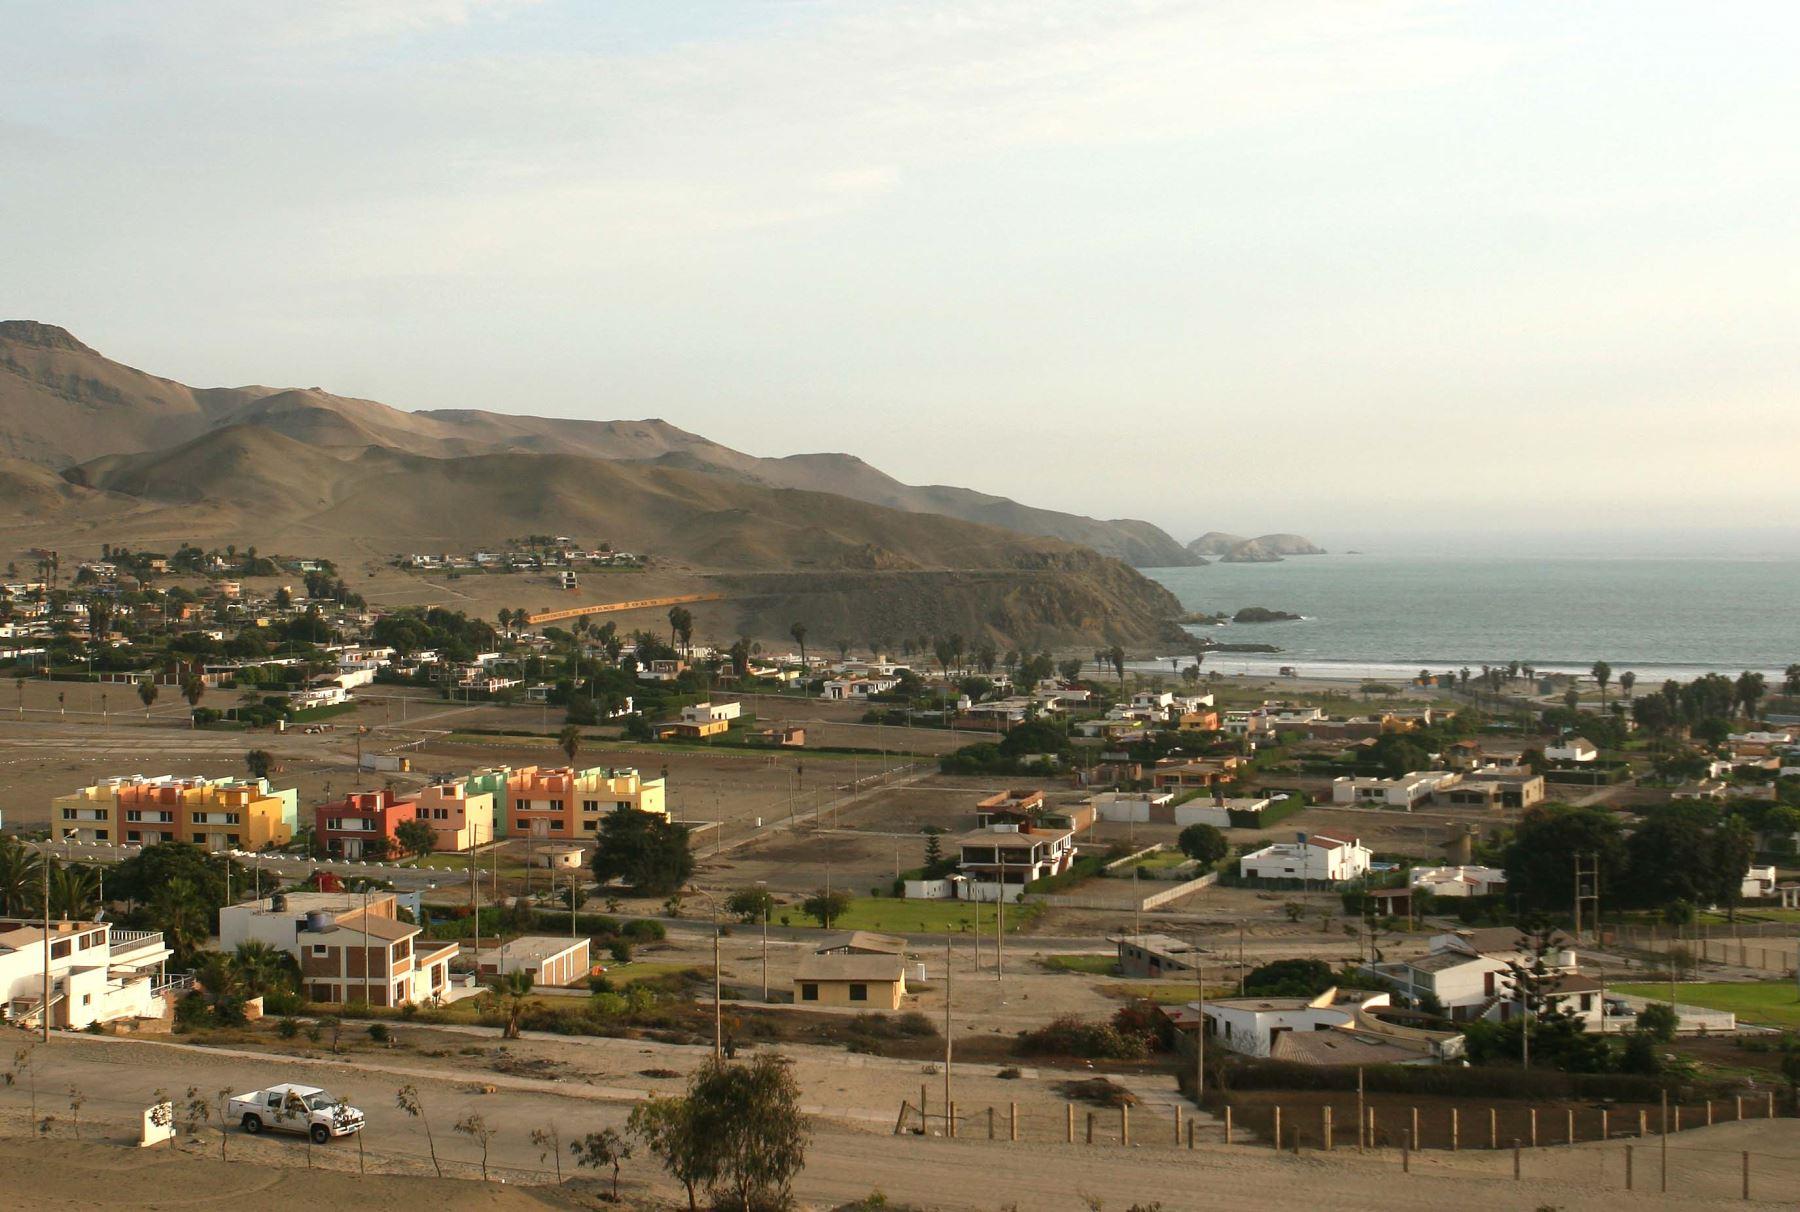 Suelo de distrito balneario de Santa Rosa es altamente vulnerable ante desastres naturales.